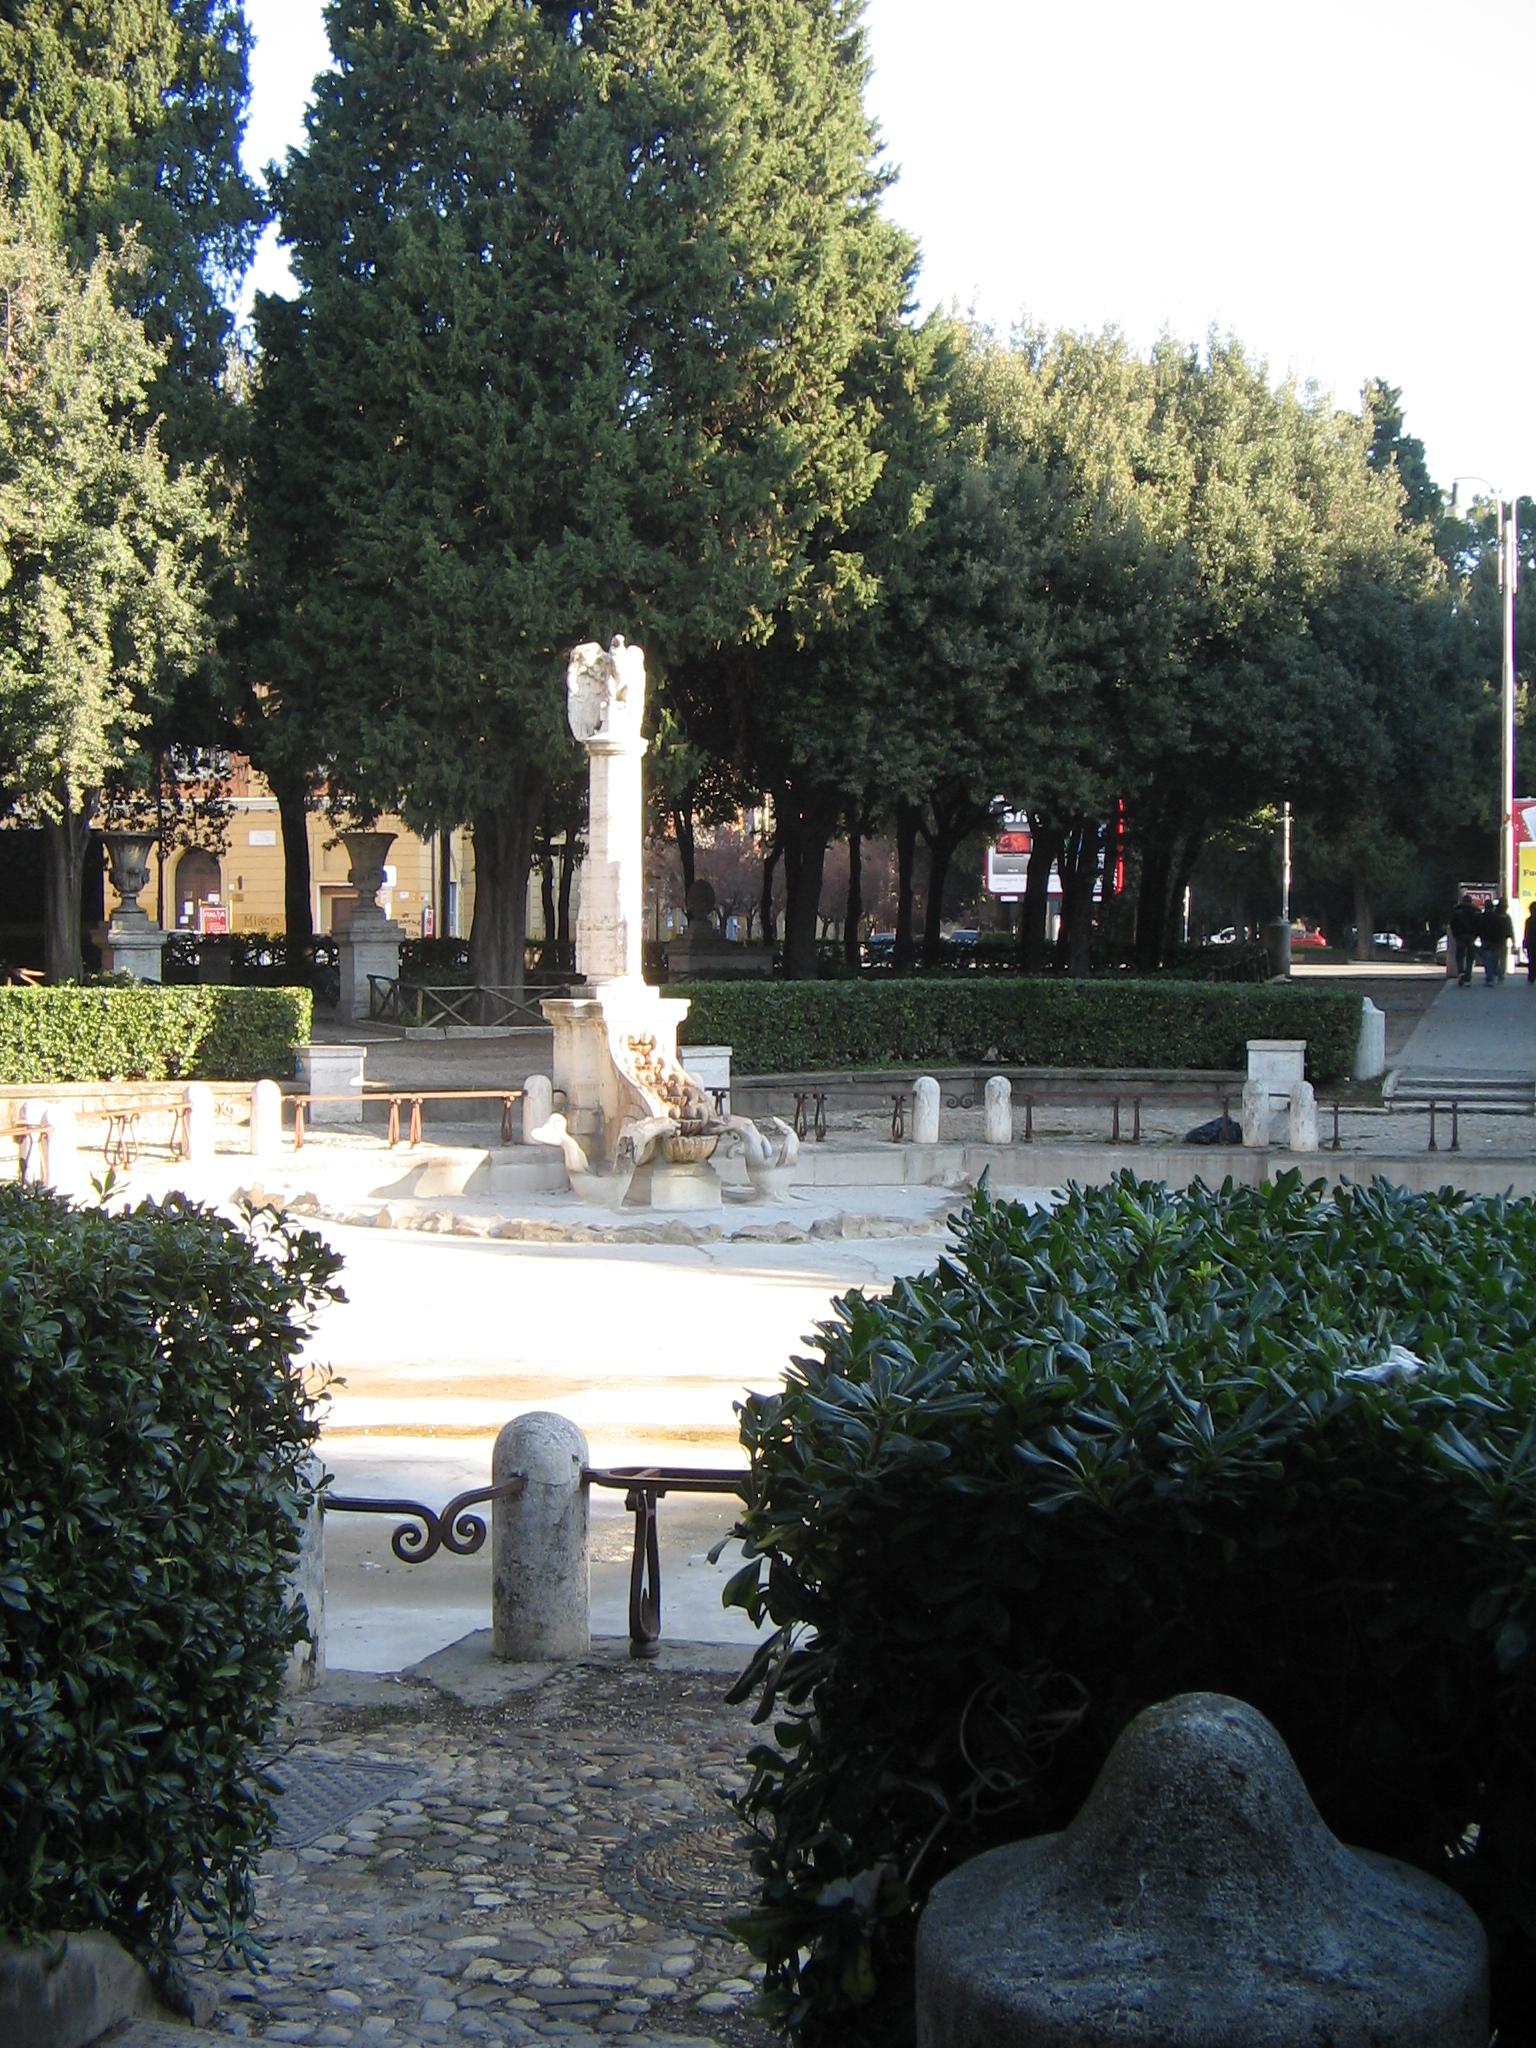 File piazza mazzini roma 2 jpg - Mercatino di natale piazza mazzini roma ...